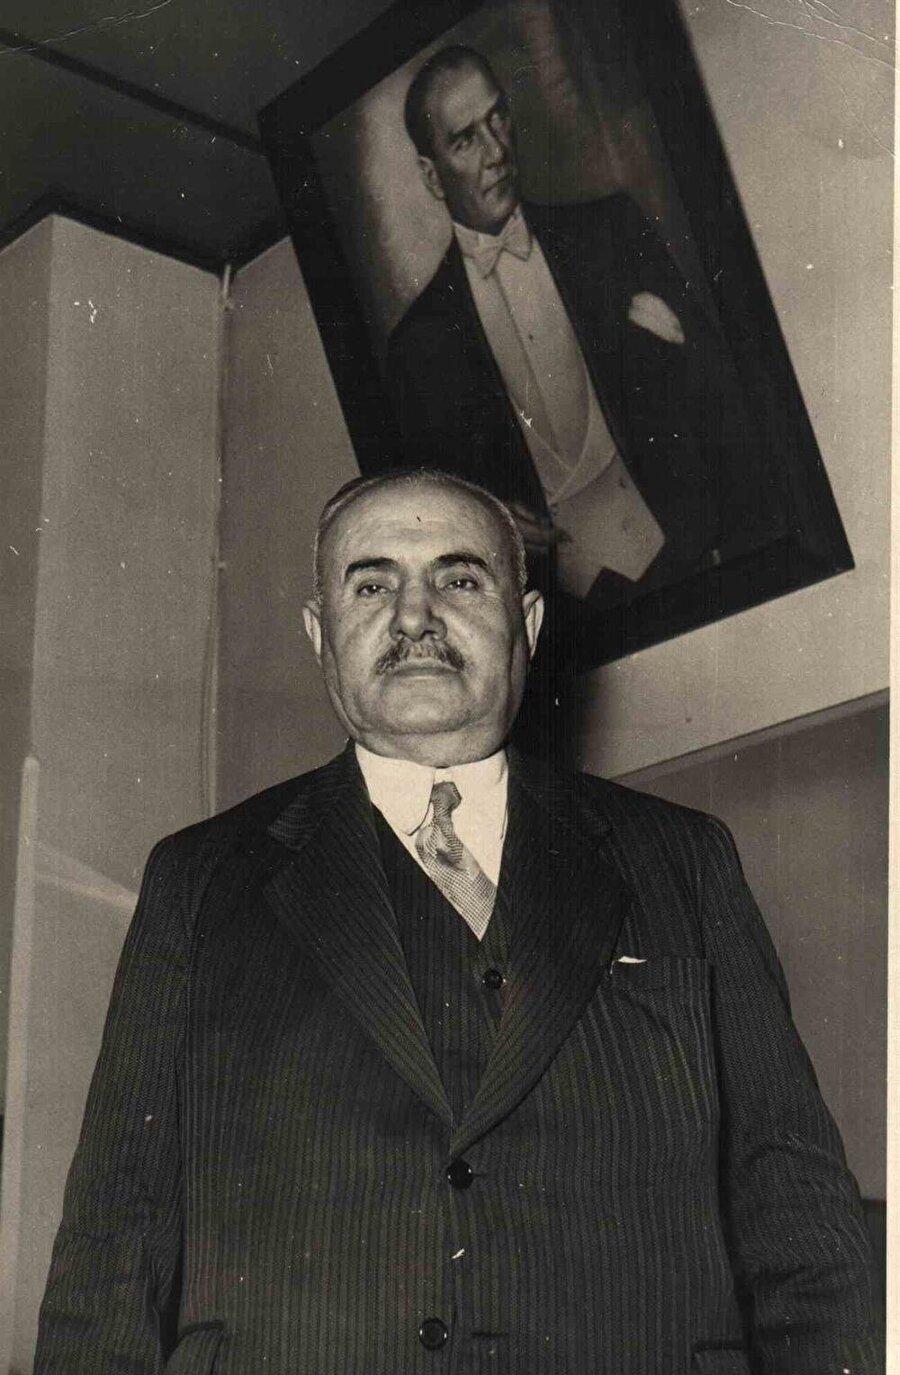 Nuri beye, demiryollarına büyük katkıda bulunduğu için Atatürk tarafından Demirağ soyadı verilmişti.